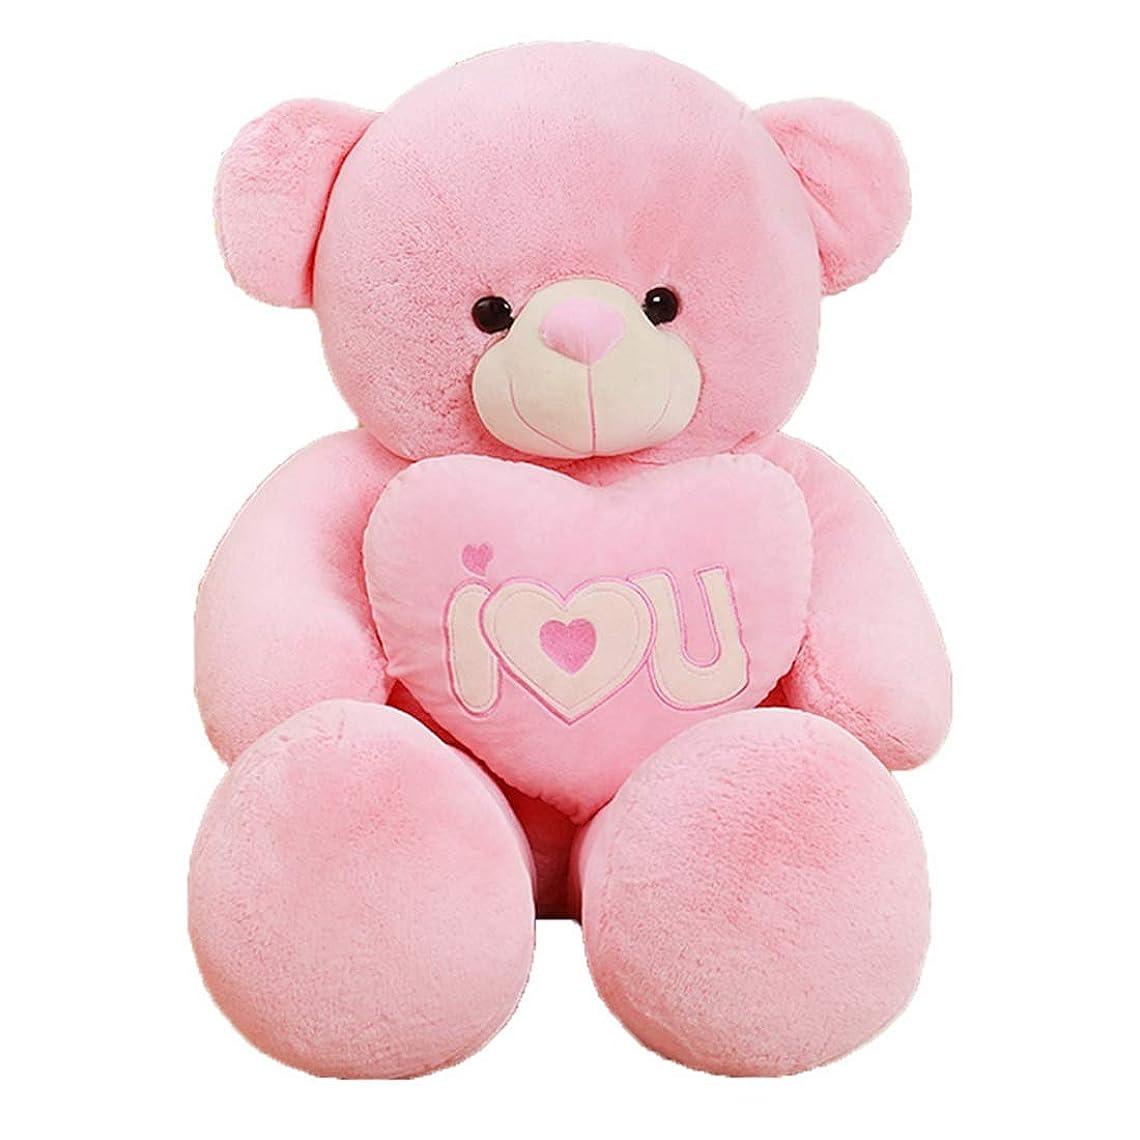 文句を言うビュッフェ批判する[XINXIKEJI]ぬいぐるみ くま テディベア かわいい特大 抱き枕 動物 大きい プレゼント おもちゃ ふわふわ お祝い 子供 もちもち 誕生日 人形 女の子 男の子 女性 赤ちゃん 癒し 彼女 贈り物 ピンク 50CM